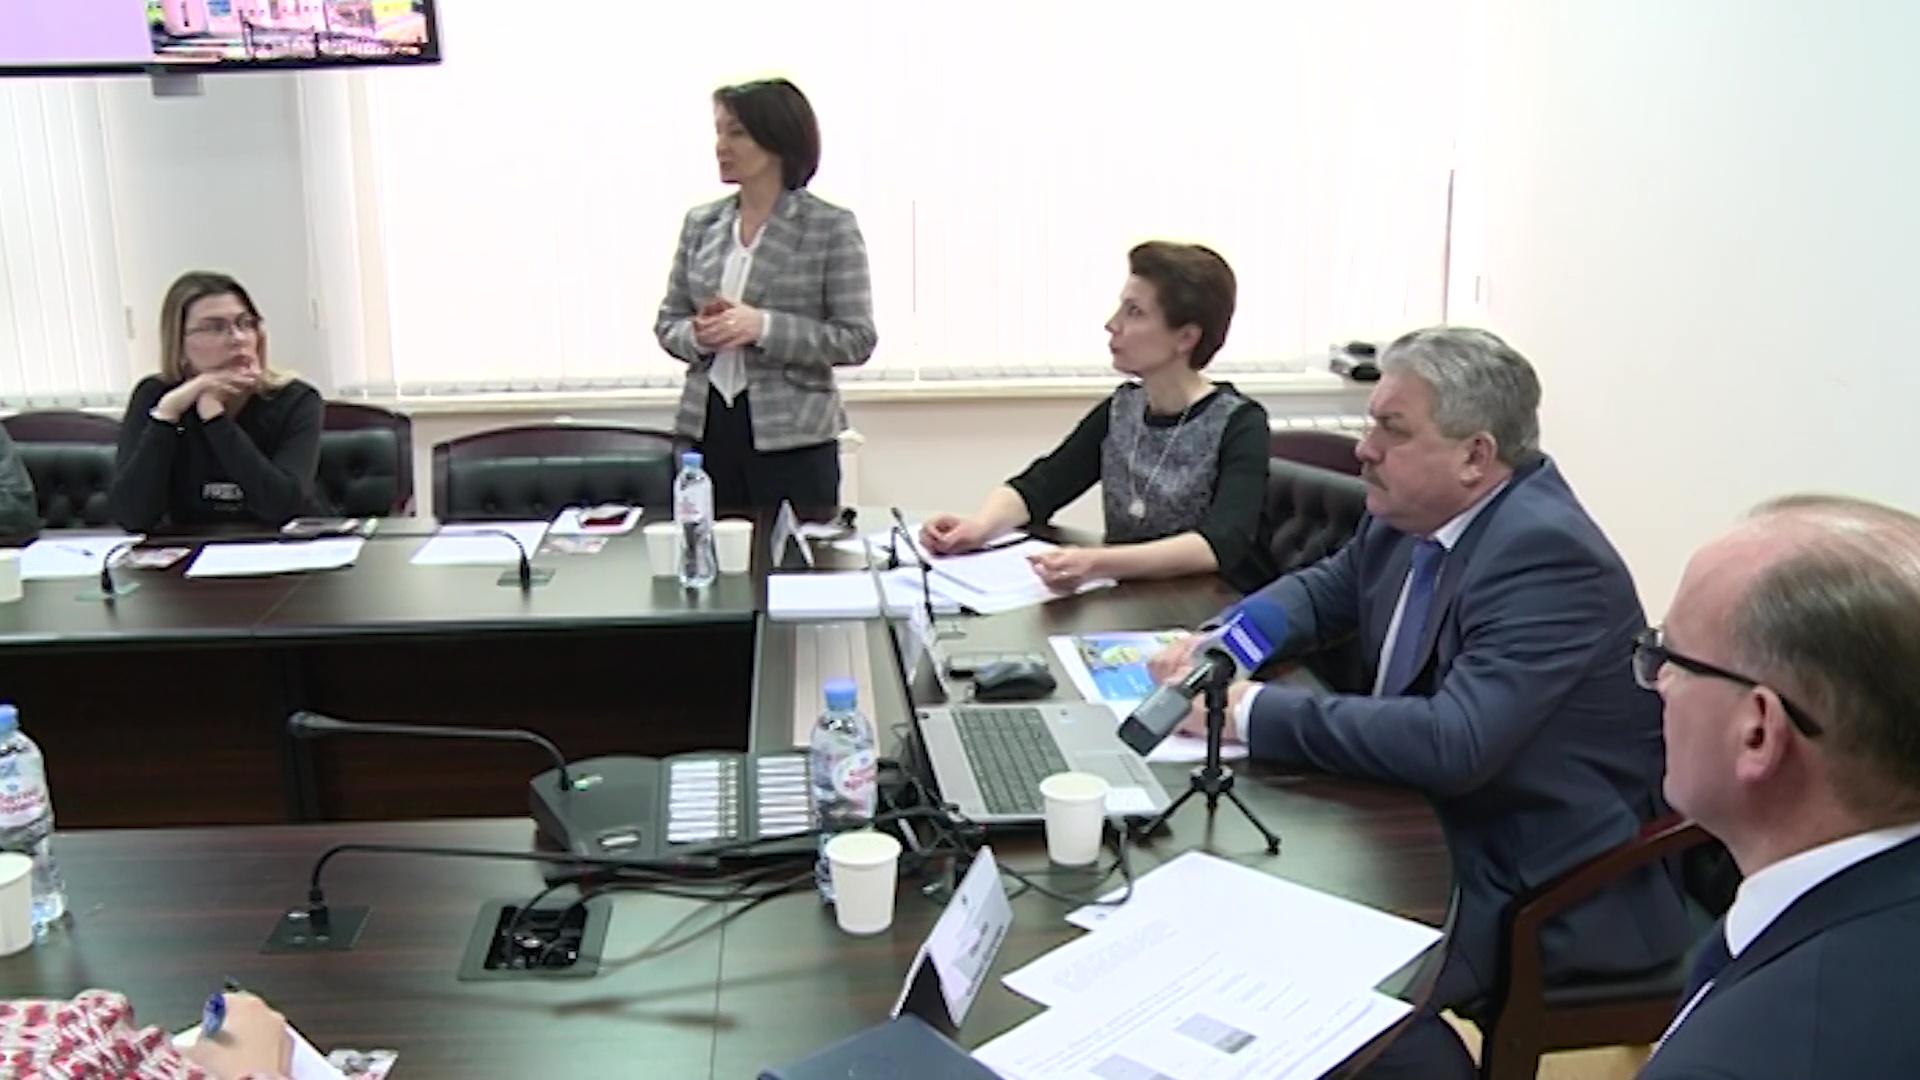 Ярославцы стали чаще брать кредиты и делать банковские вклады